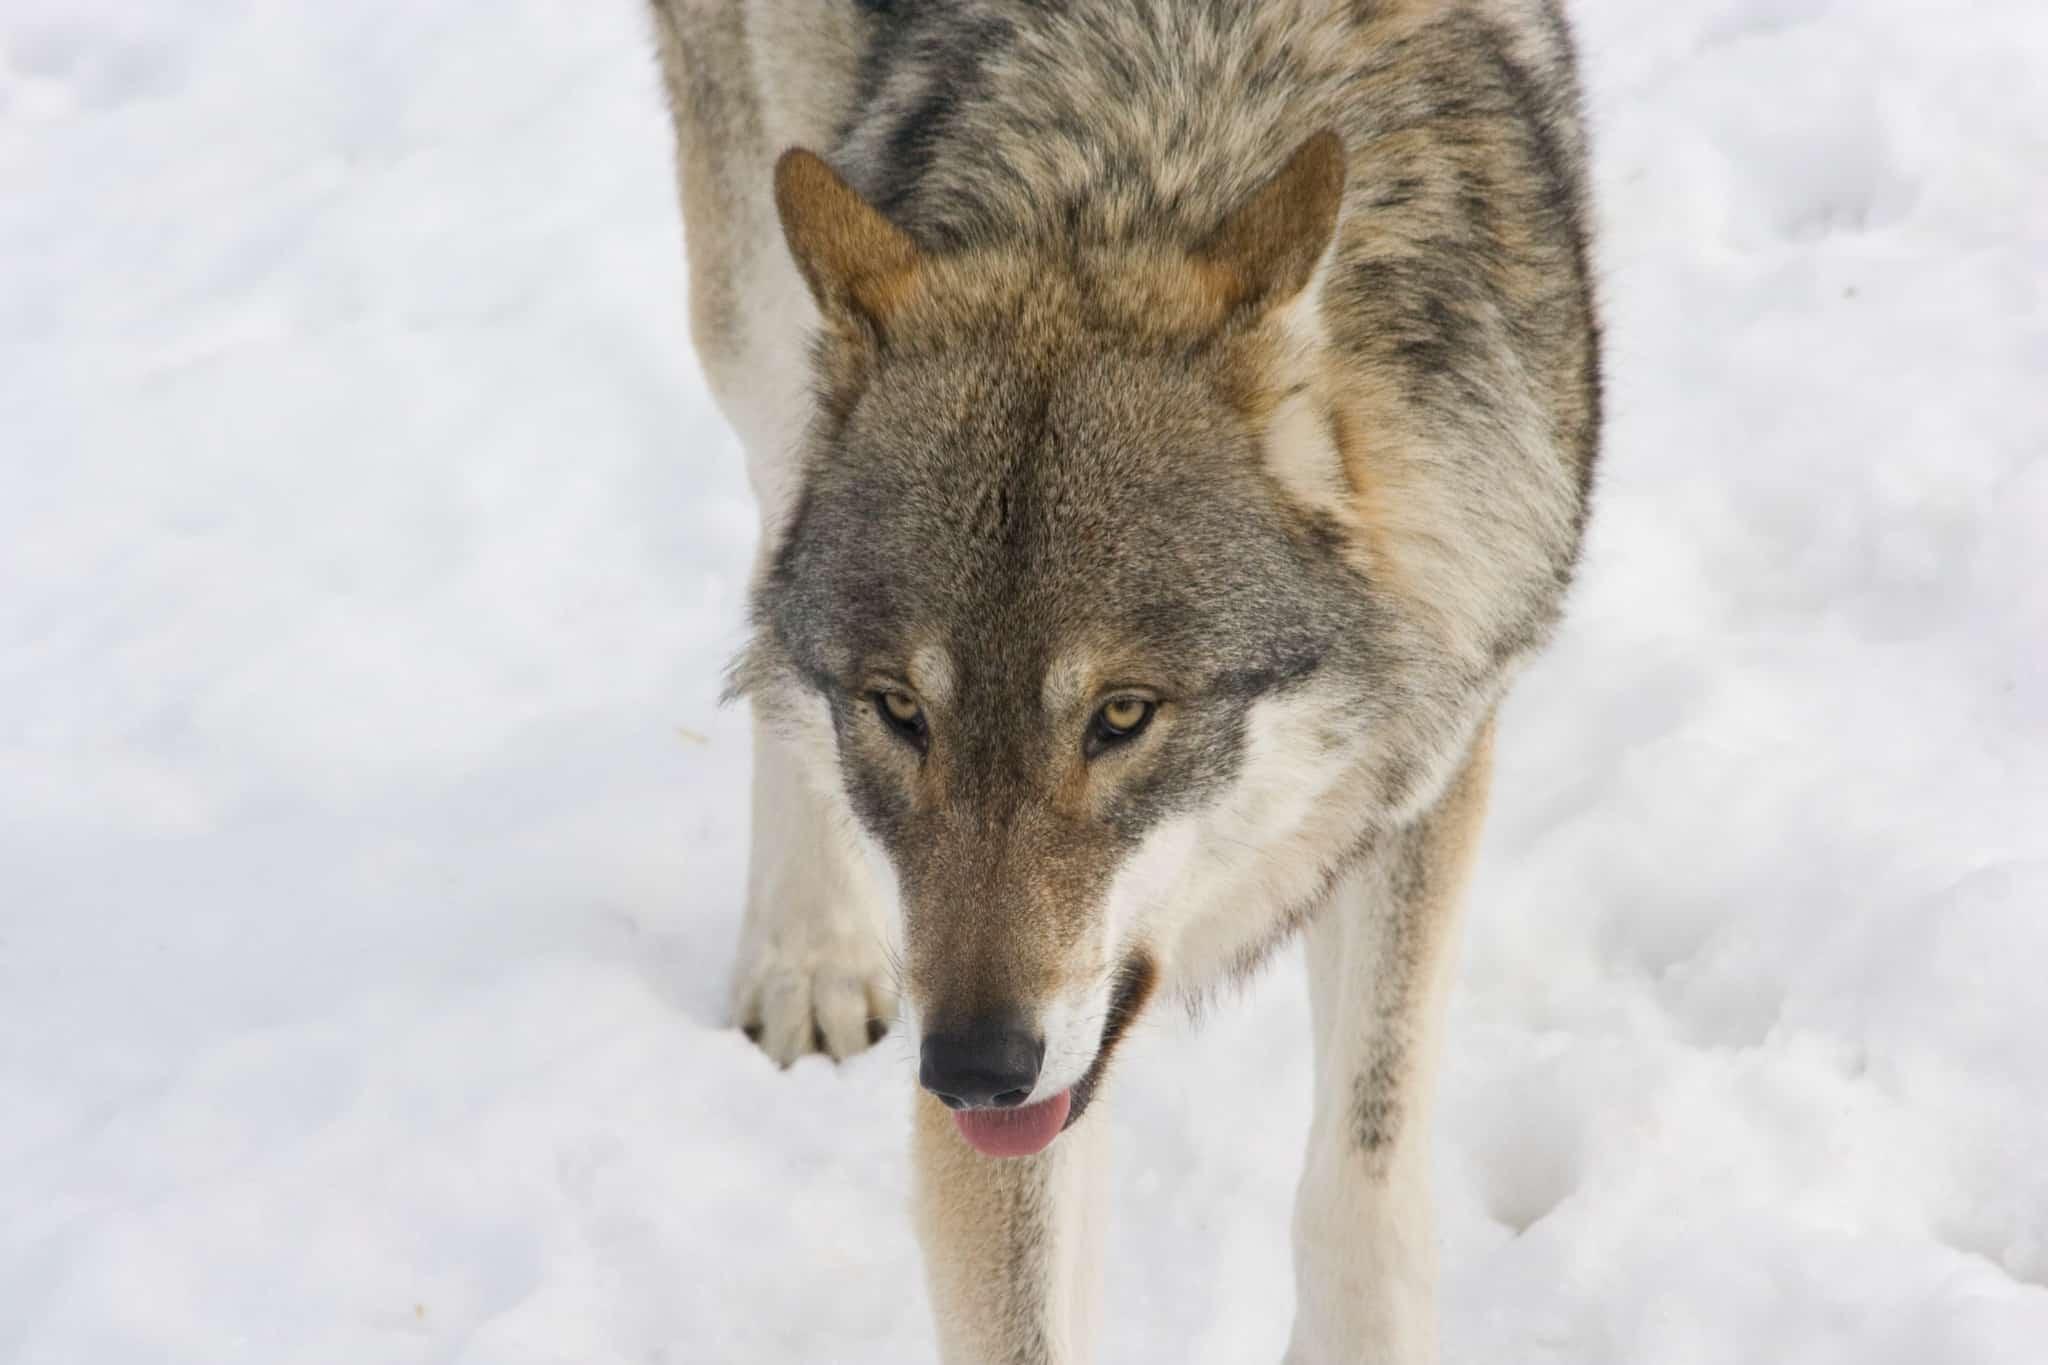 Länsstyrelsen i Jämtland har beviljat skyddsjakt på två vargar som befinner sig nära renhjordarna i Tåssåsens och Handöldalens renbetesmarker. I området finns mellan 2.000 och 3.000 renar. Foto: Mostphotos